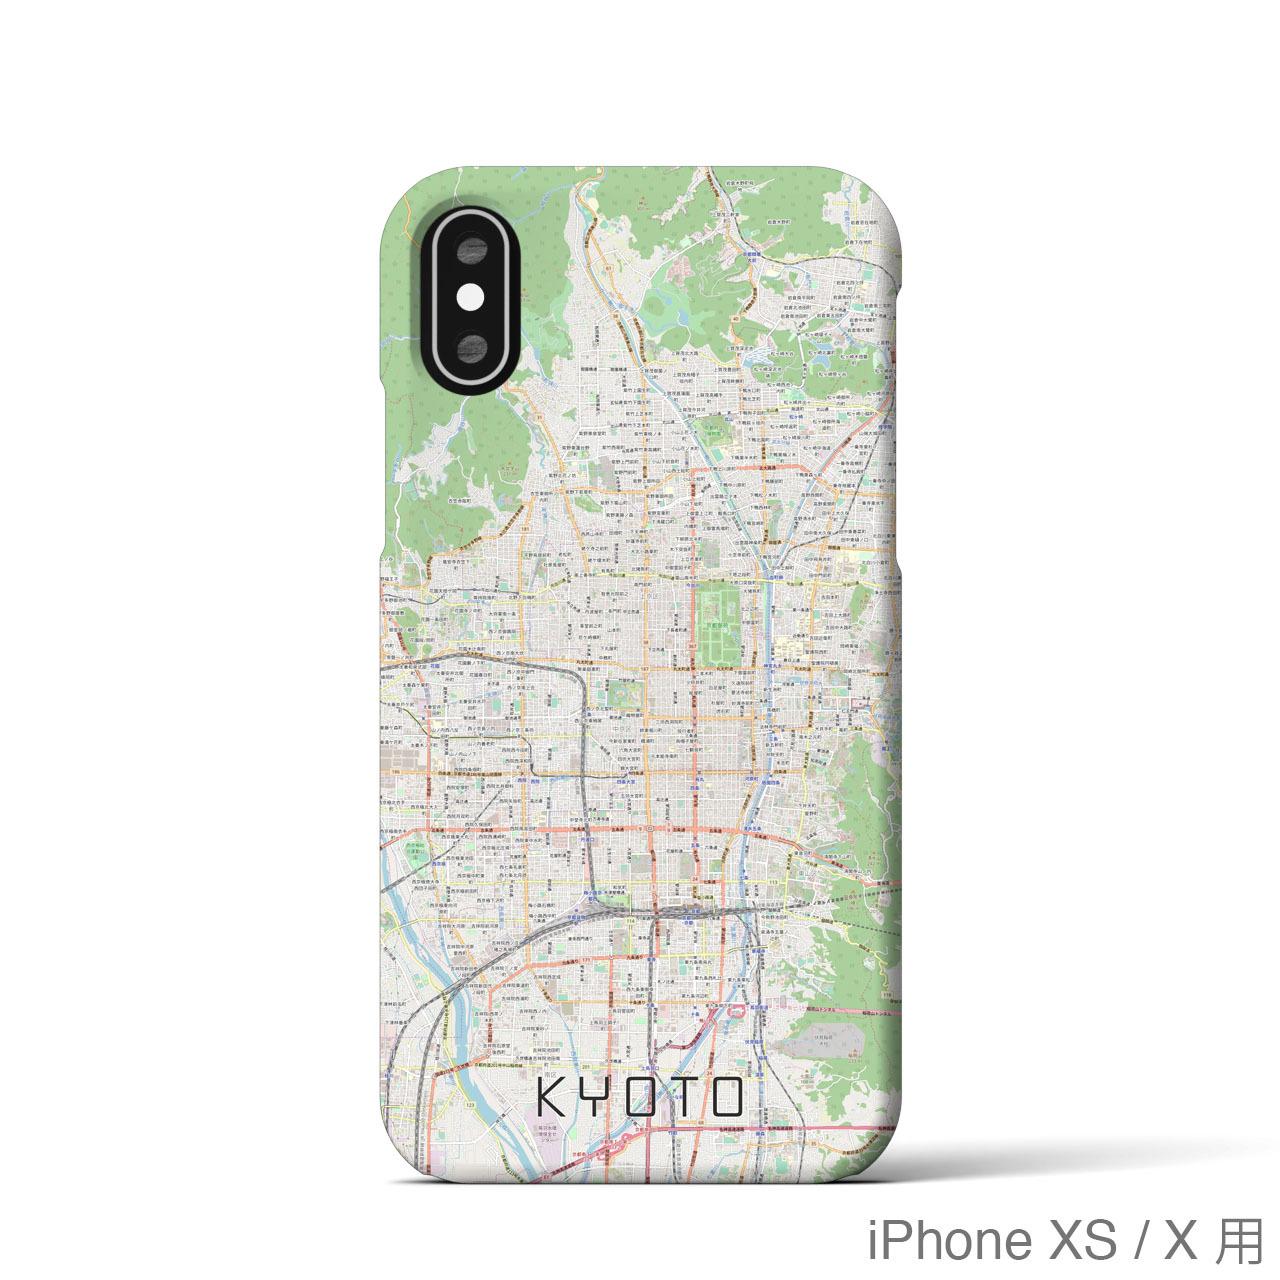 【京都】地図柄iPhoneケース(バックカバータイプ・ナチュラル)